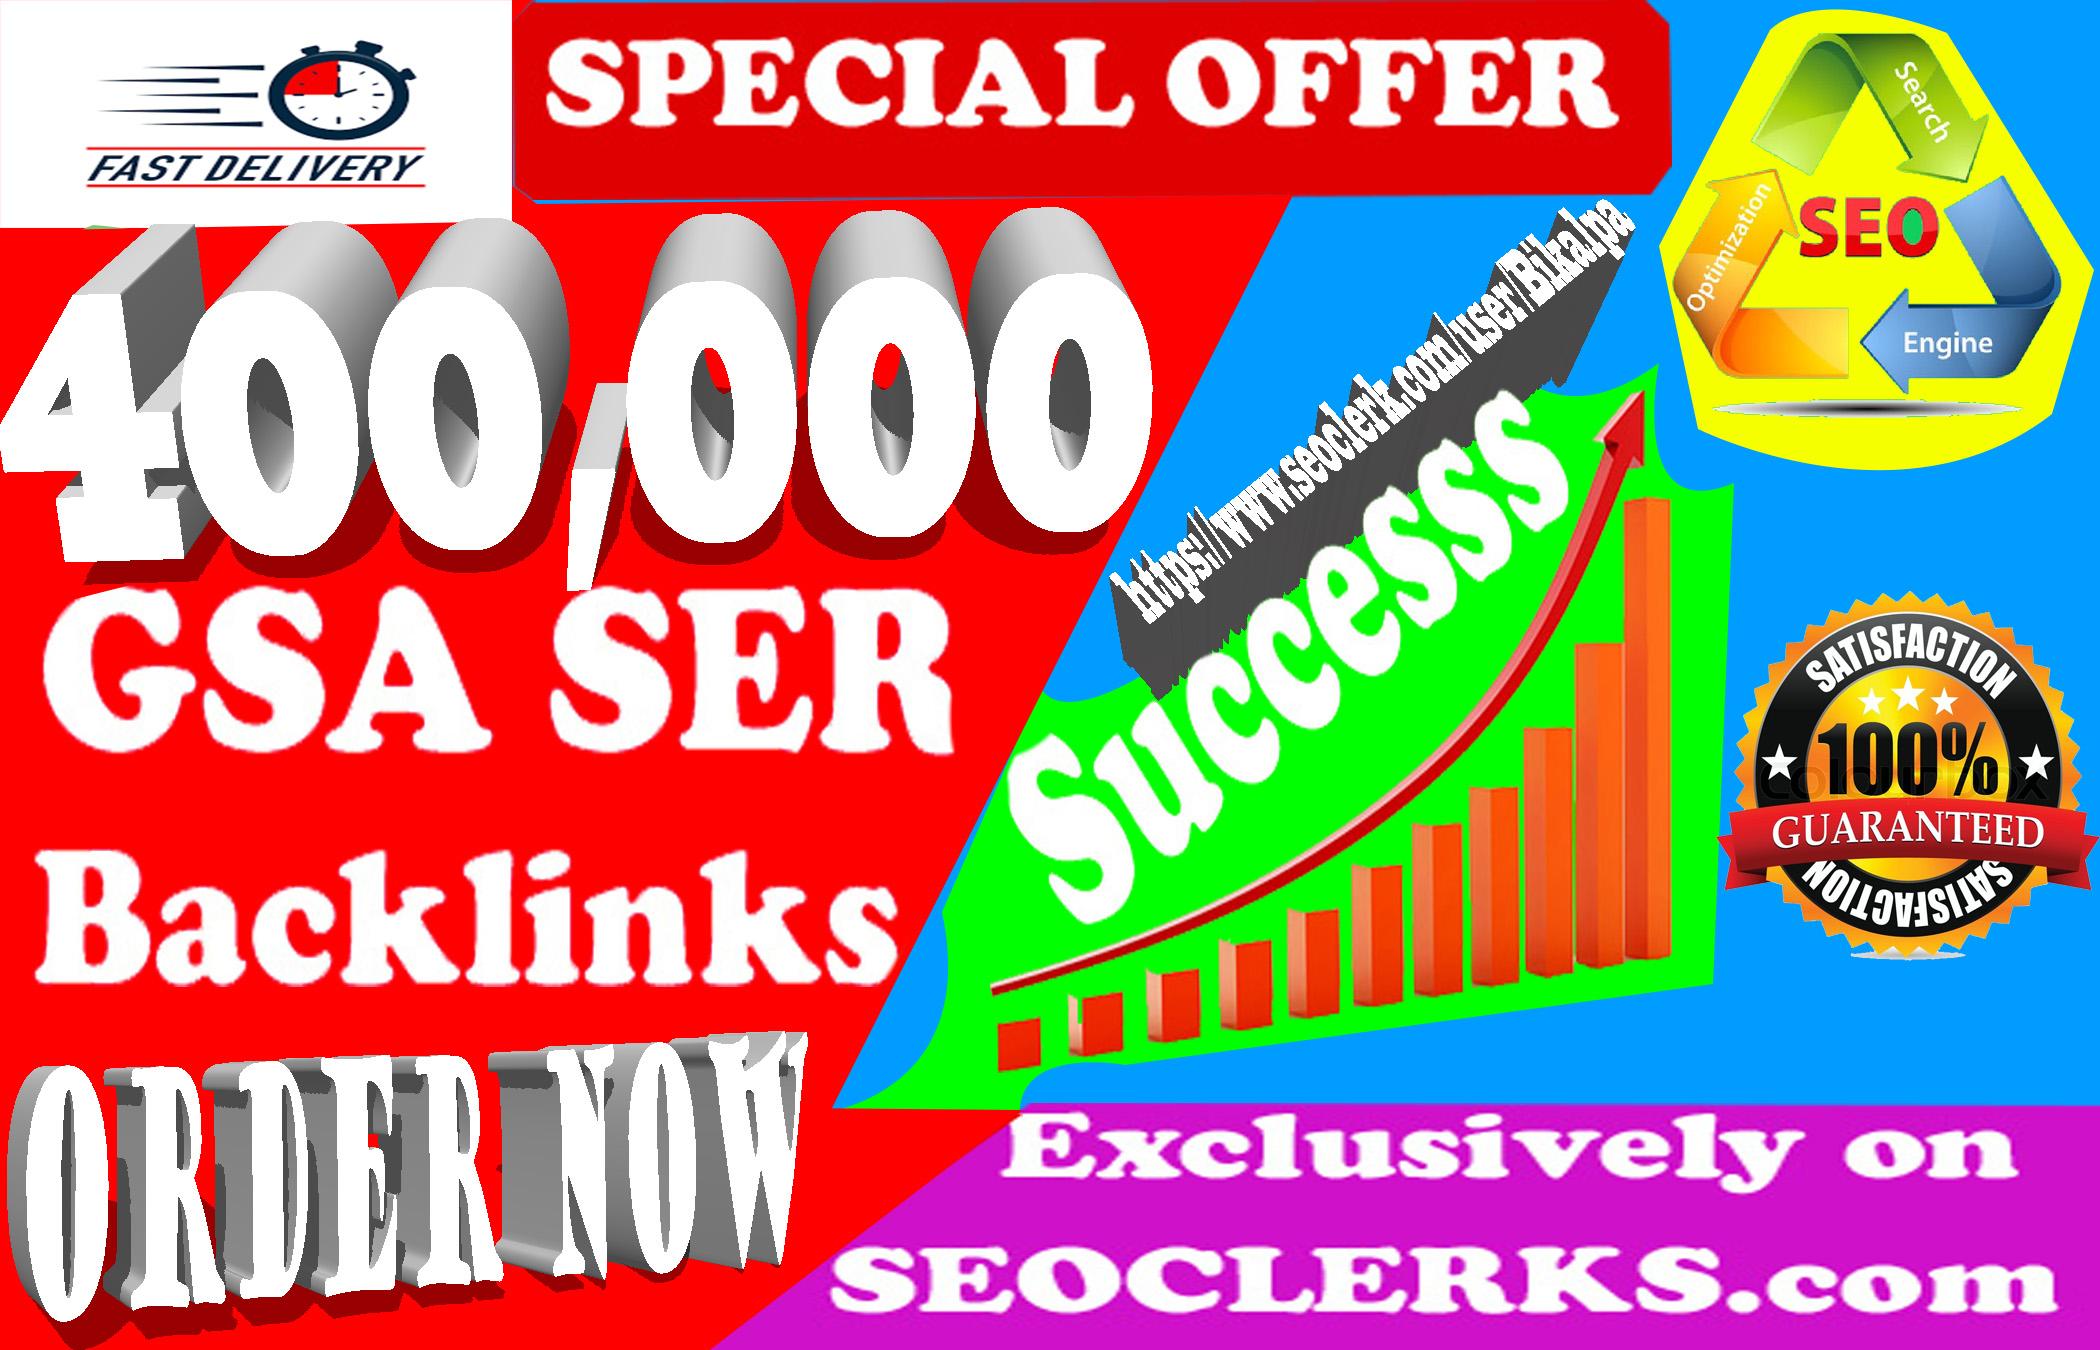 400,000 Gsa Ser Backlinks For Ranking Website,  youtube